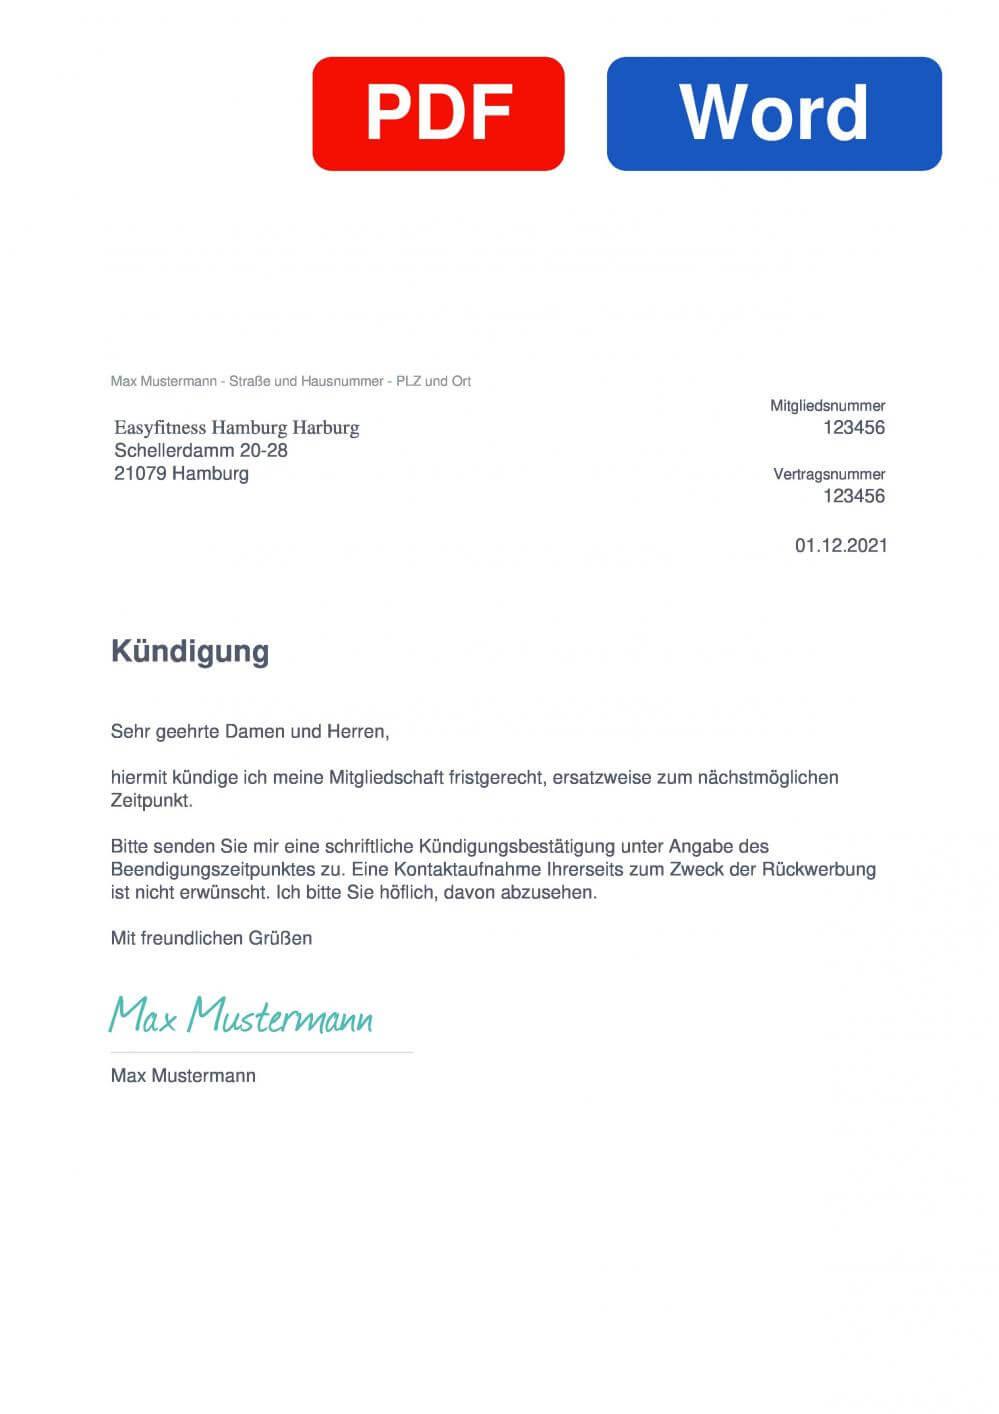 EASYFITNESS Hamburg Harburg Muster Vorlage für Kündigungsschreiben